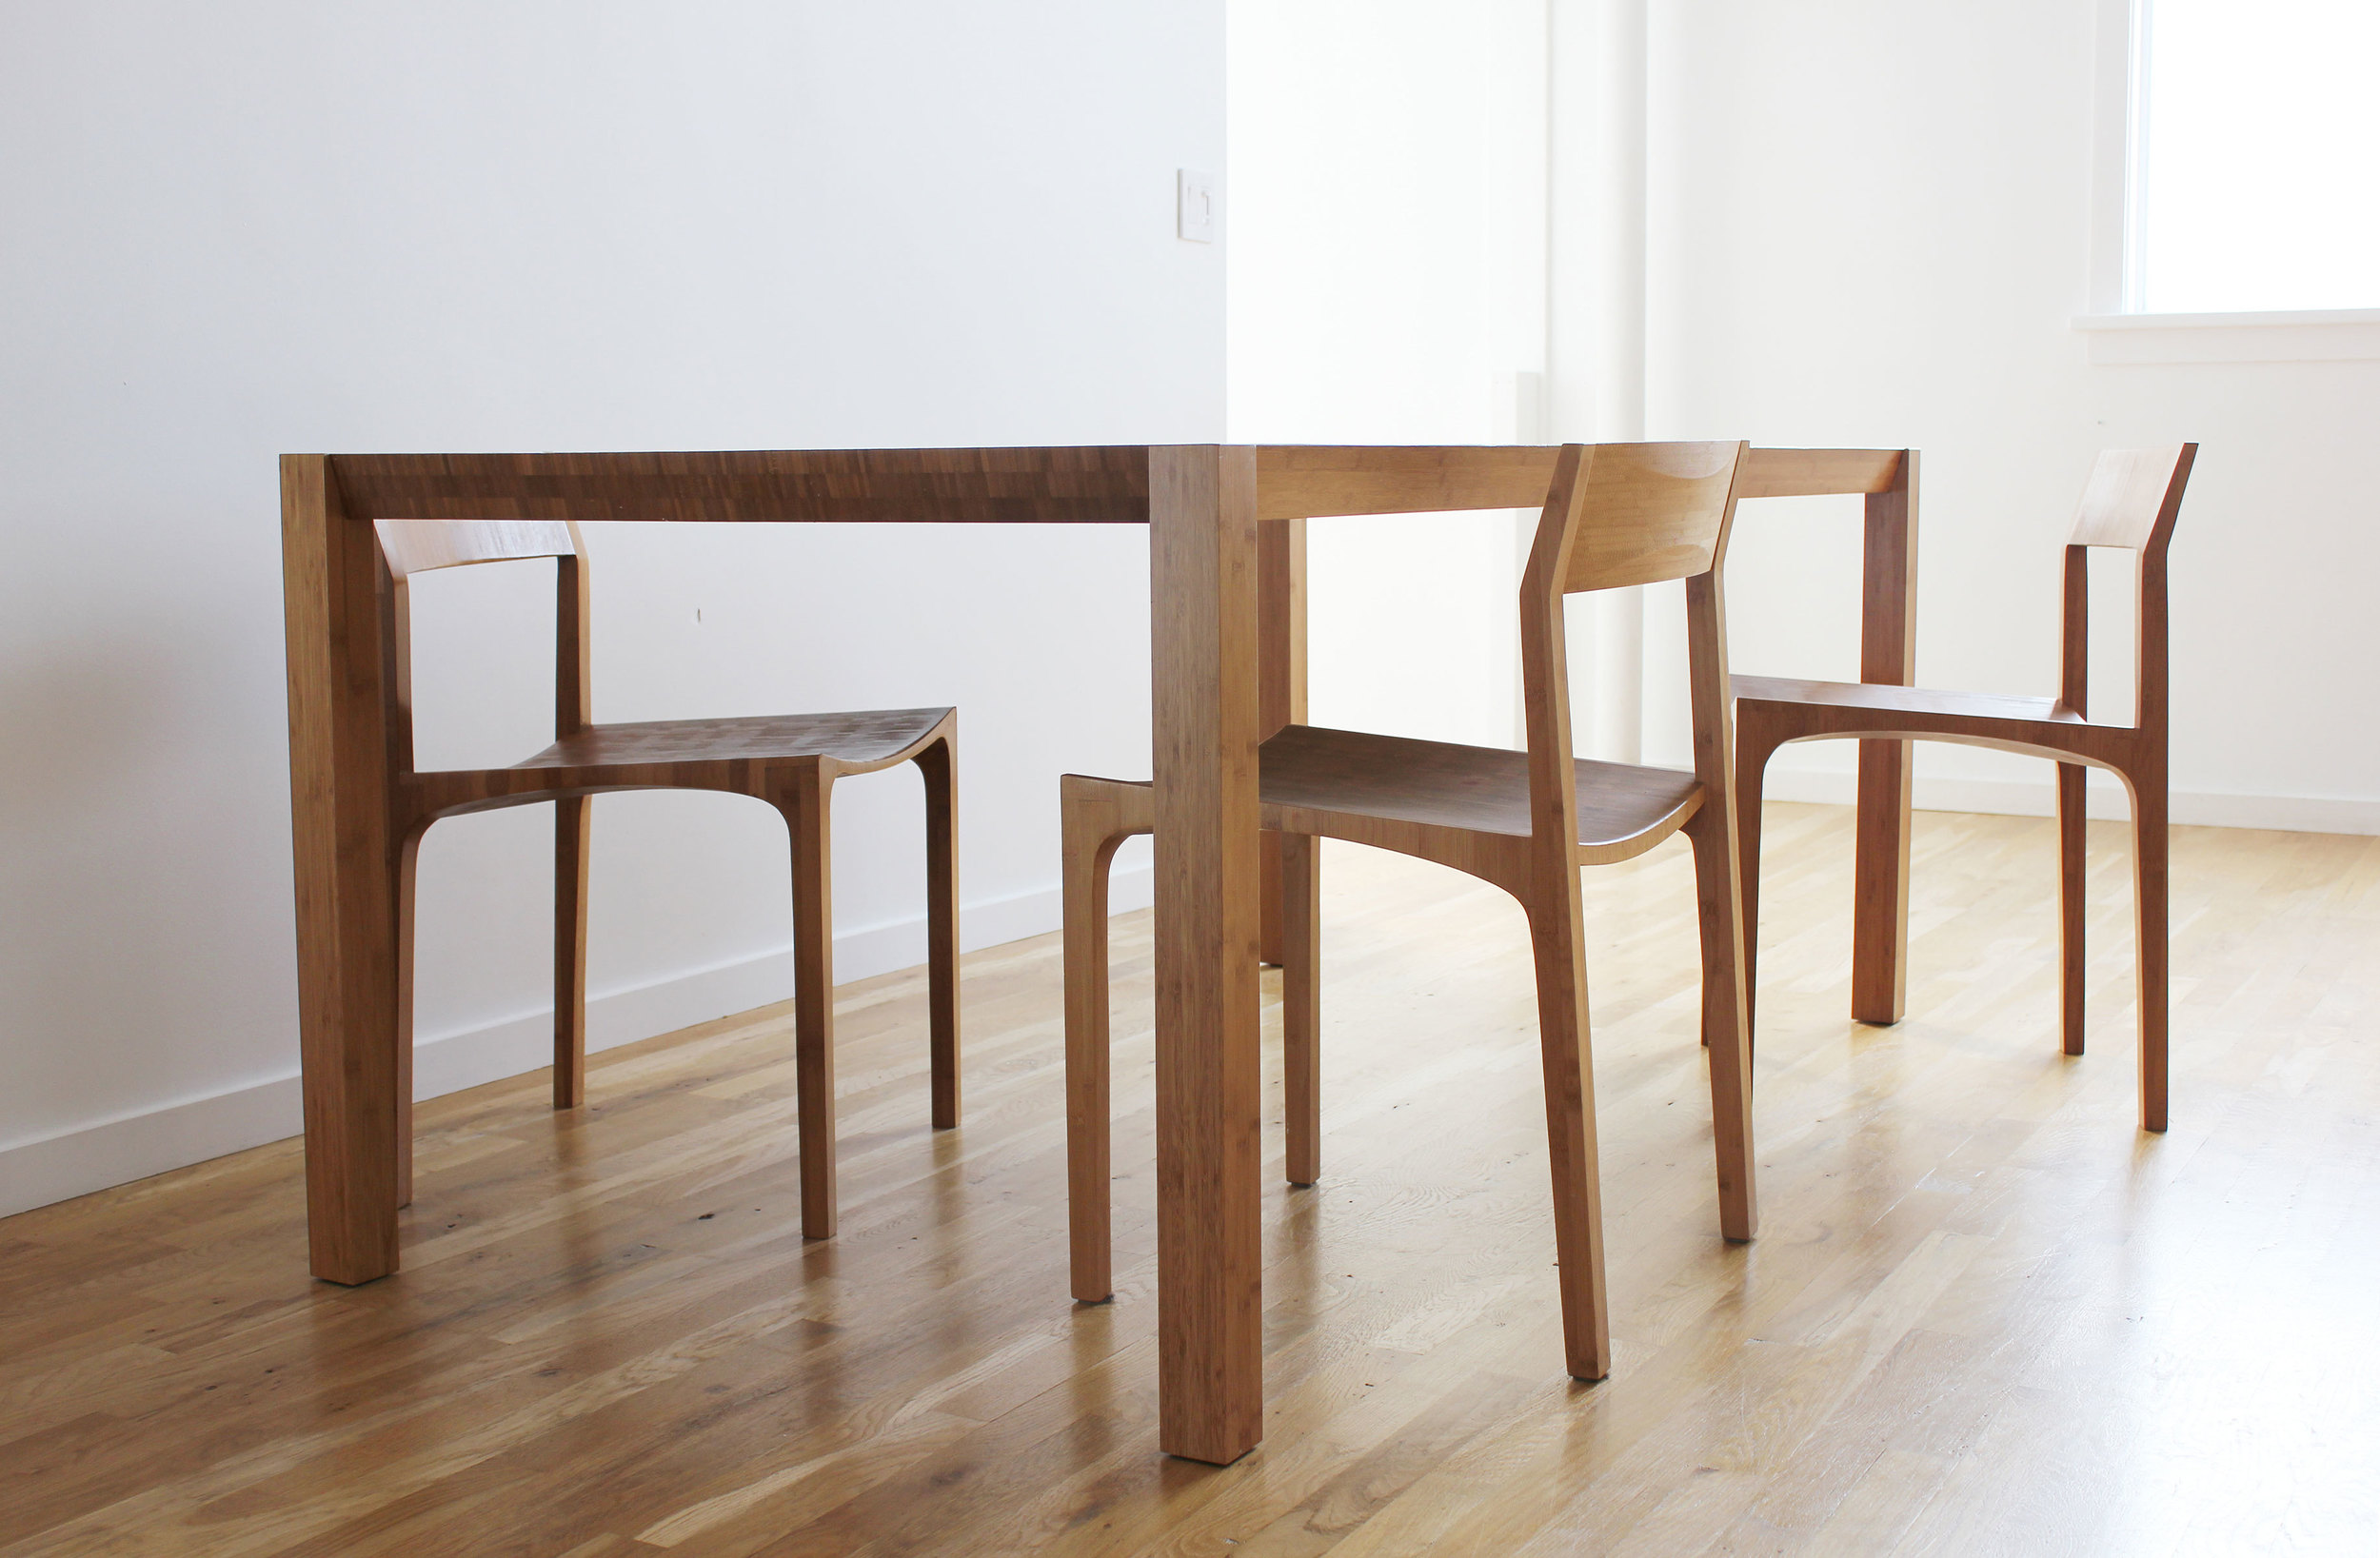 stria_chair_table.jpg